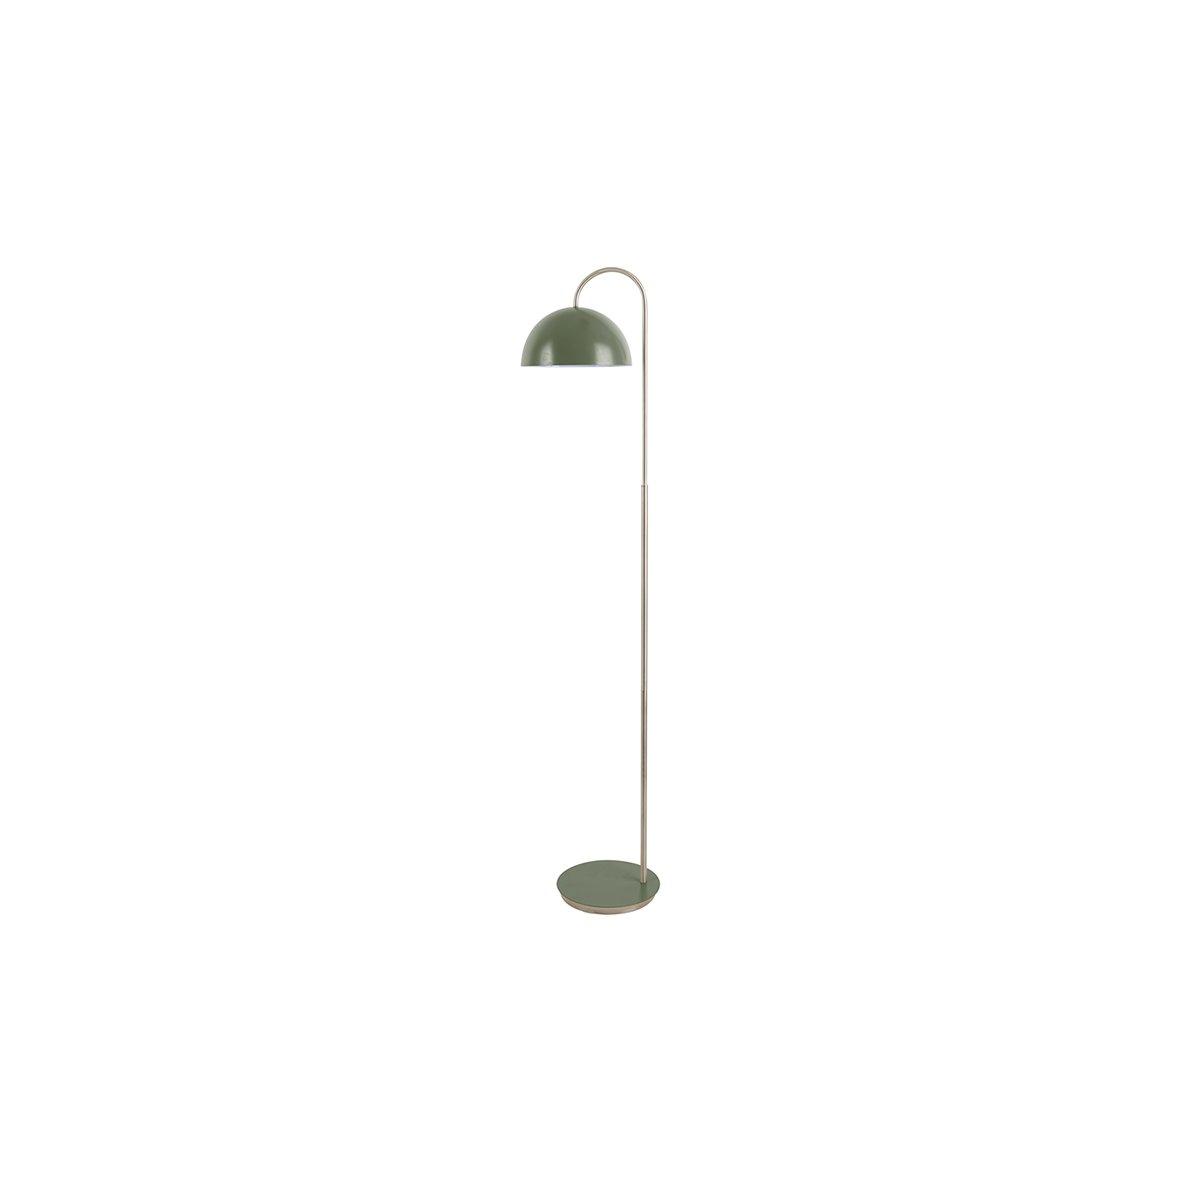 Sada 2 ks: Zelená stojací lampa Dome